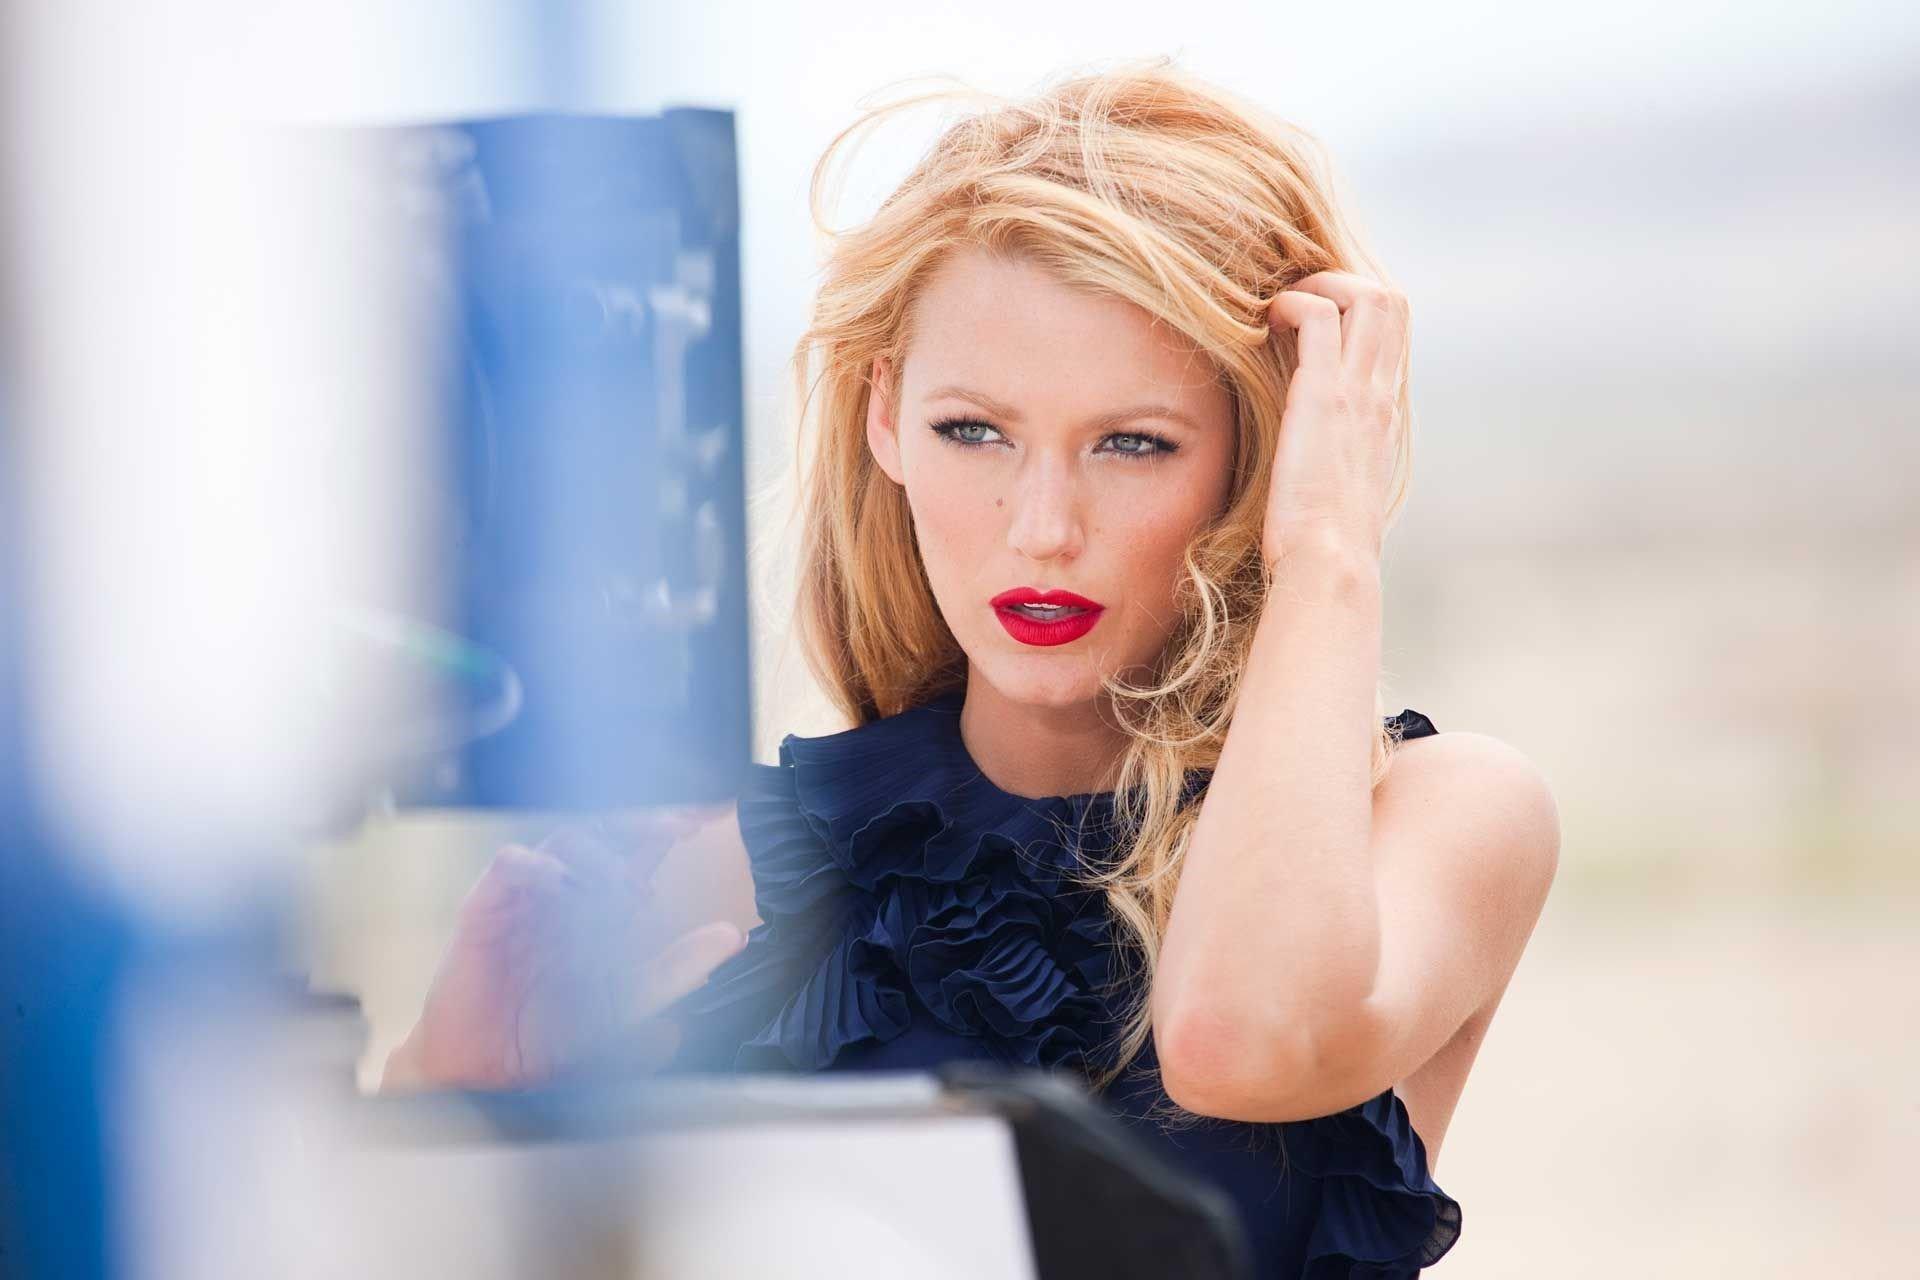 Fondos de pantalla Blake Lively con labios rojos